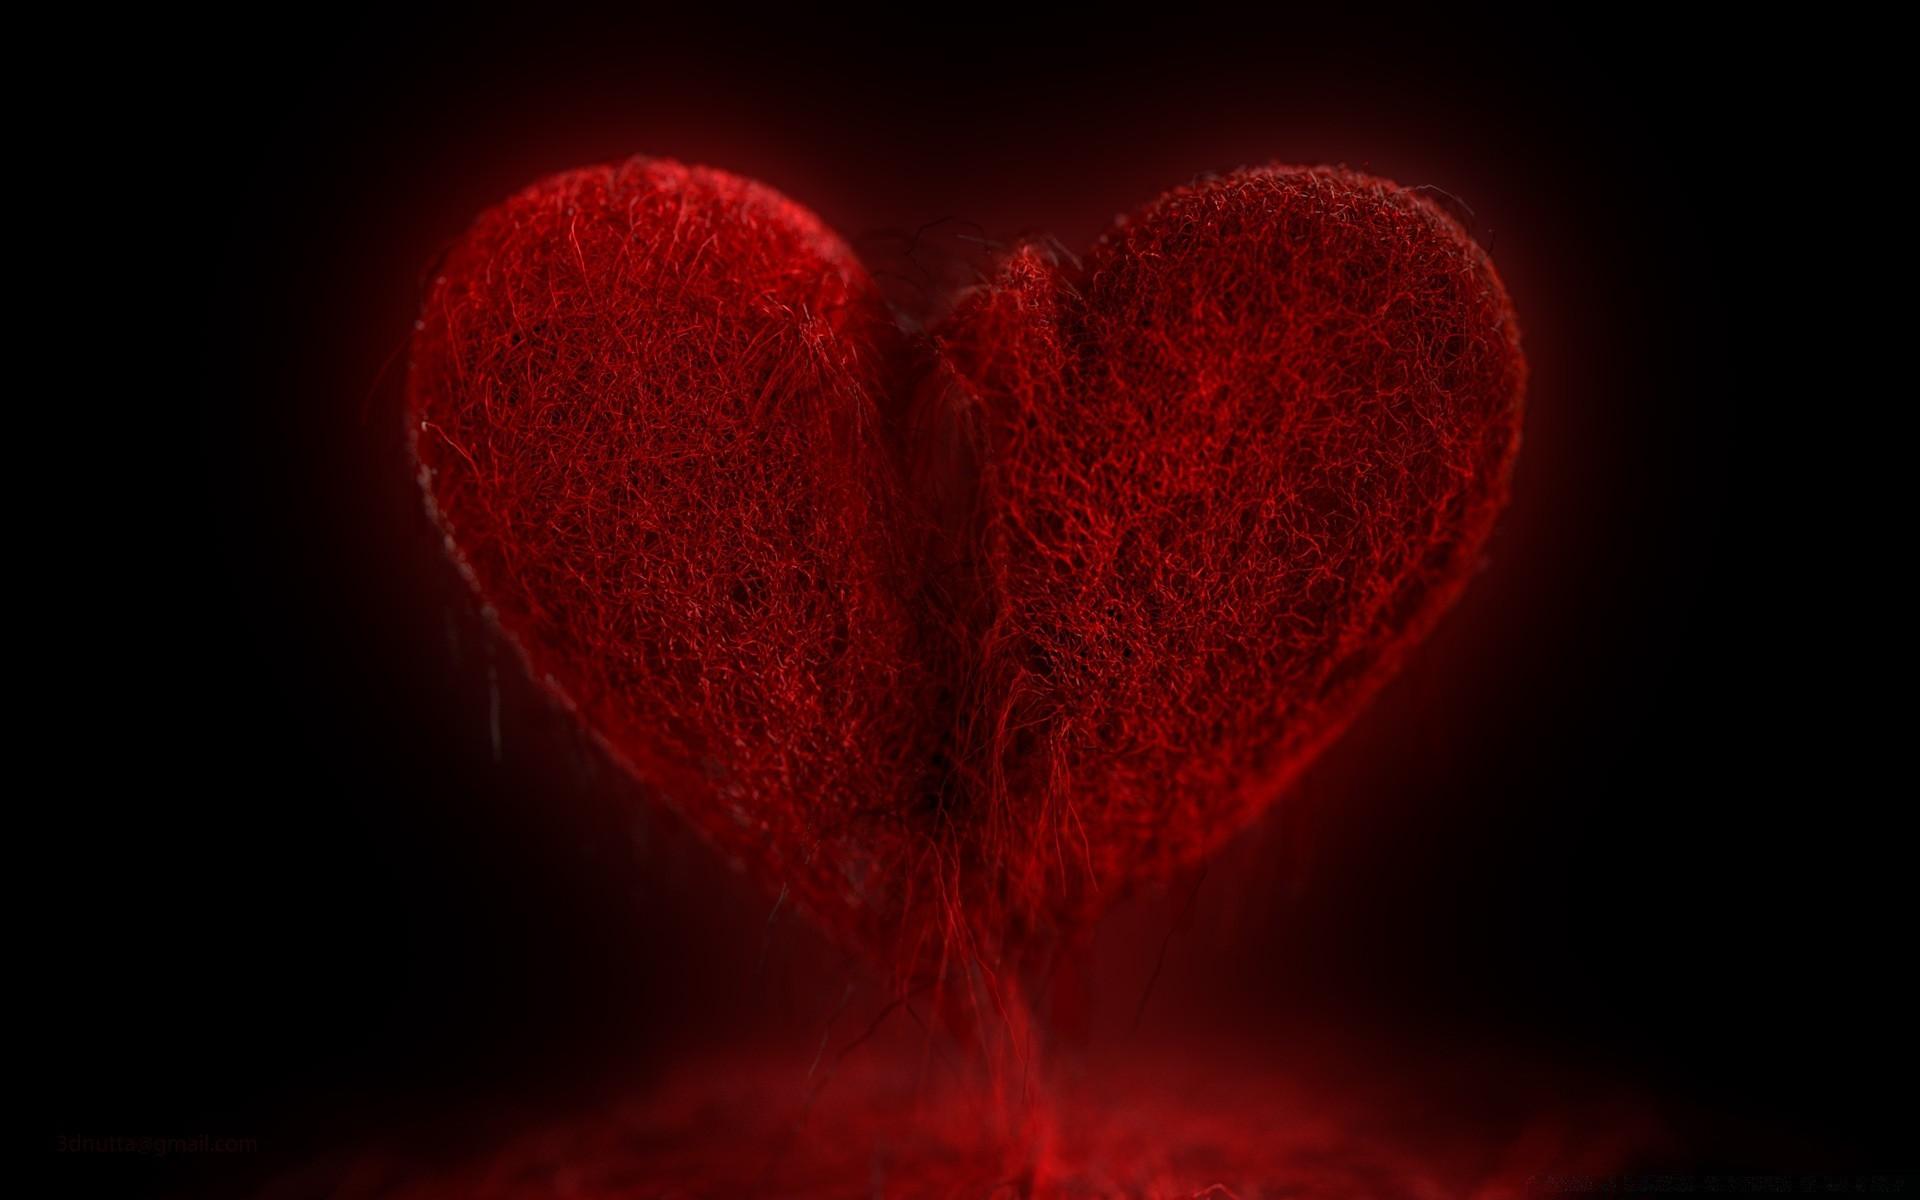 сердце арт без смс